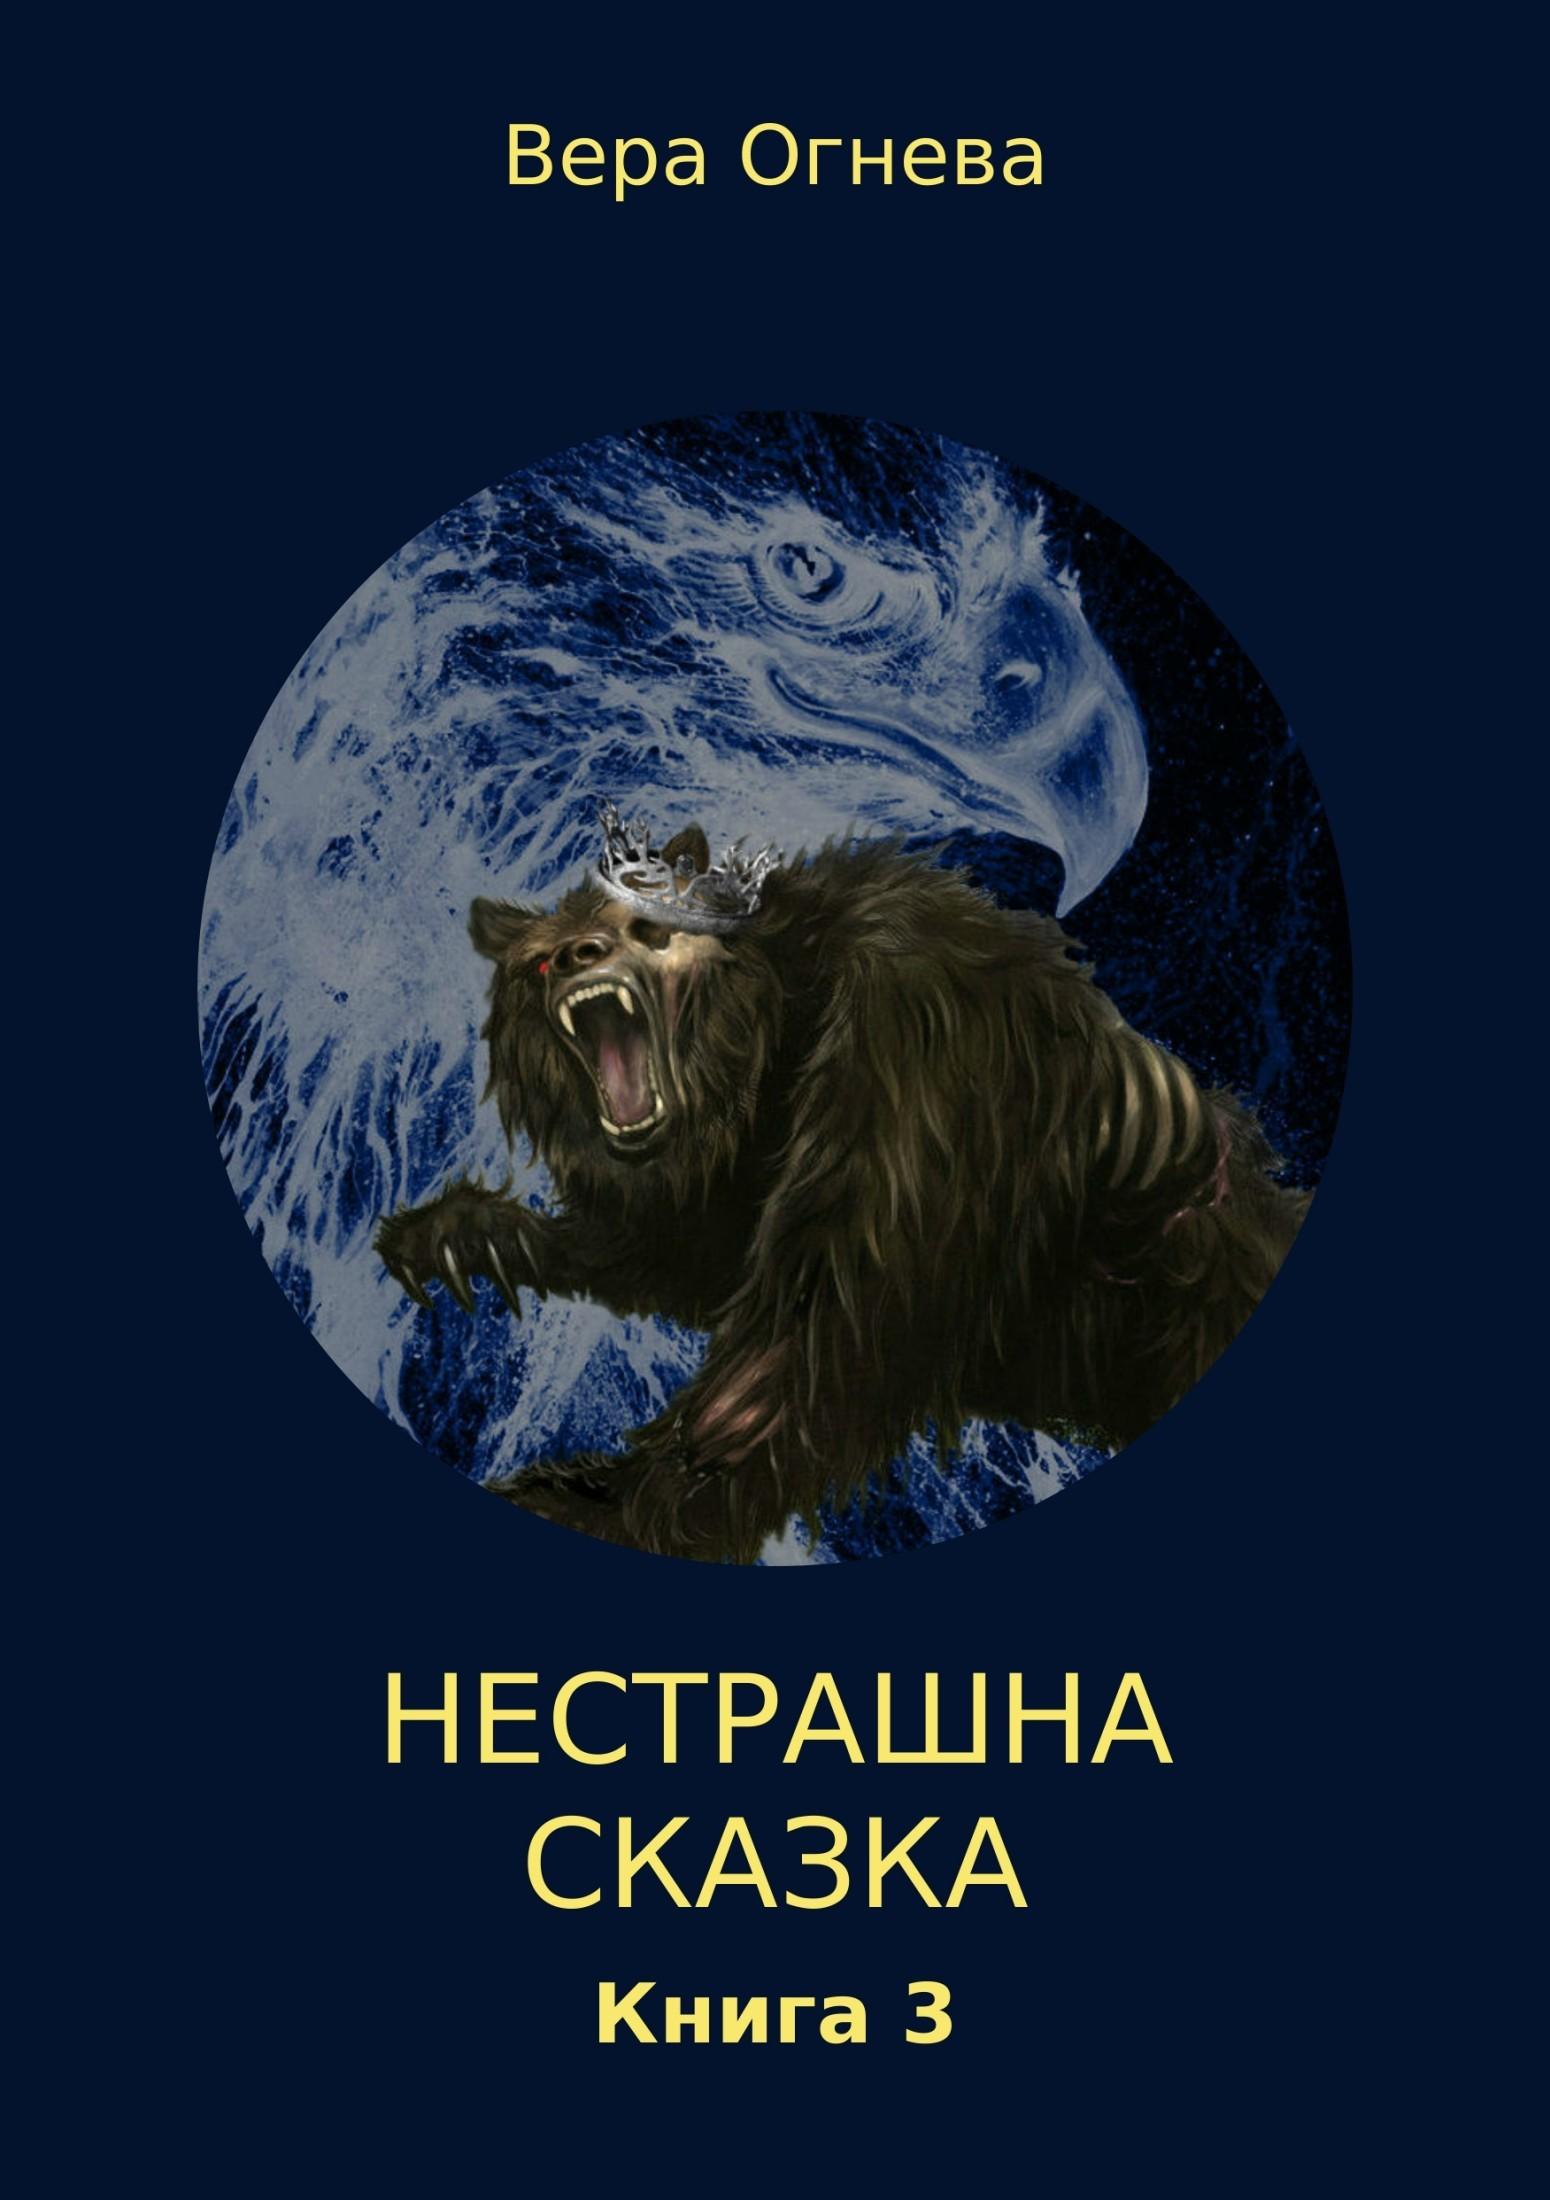 Вера Евгеньевна Огнева. Нестрашная сказка. Книга 3